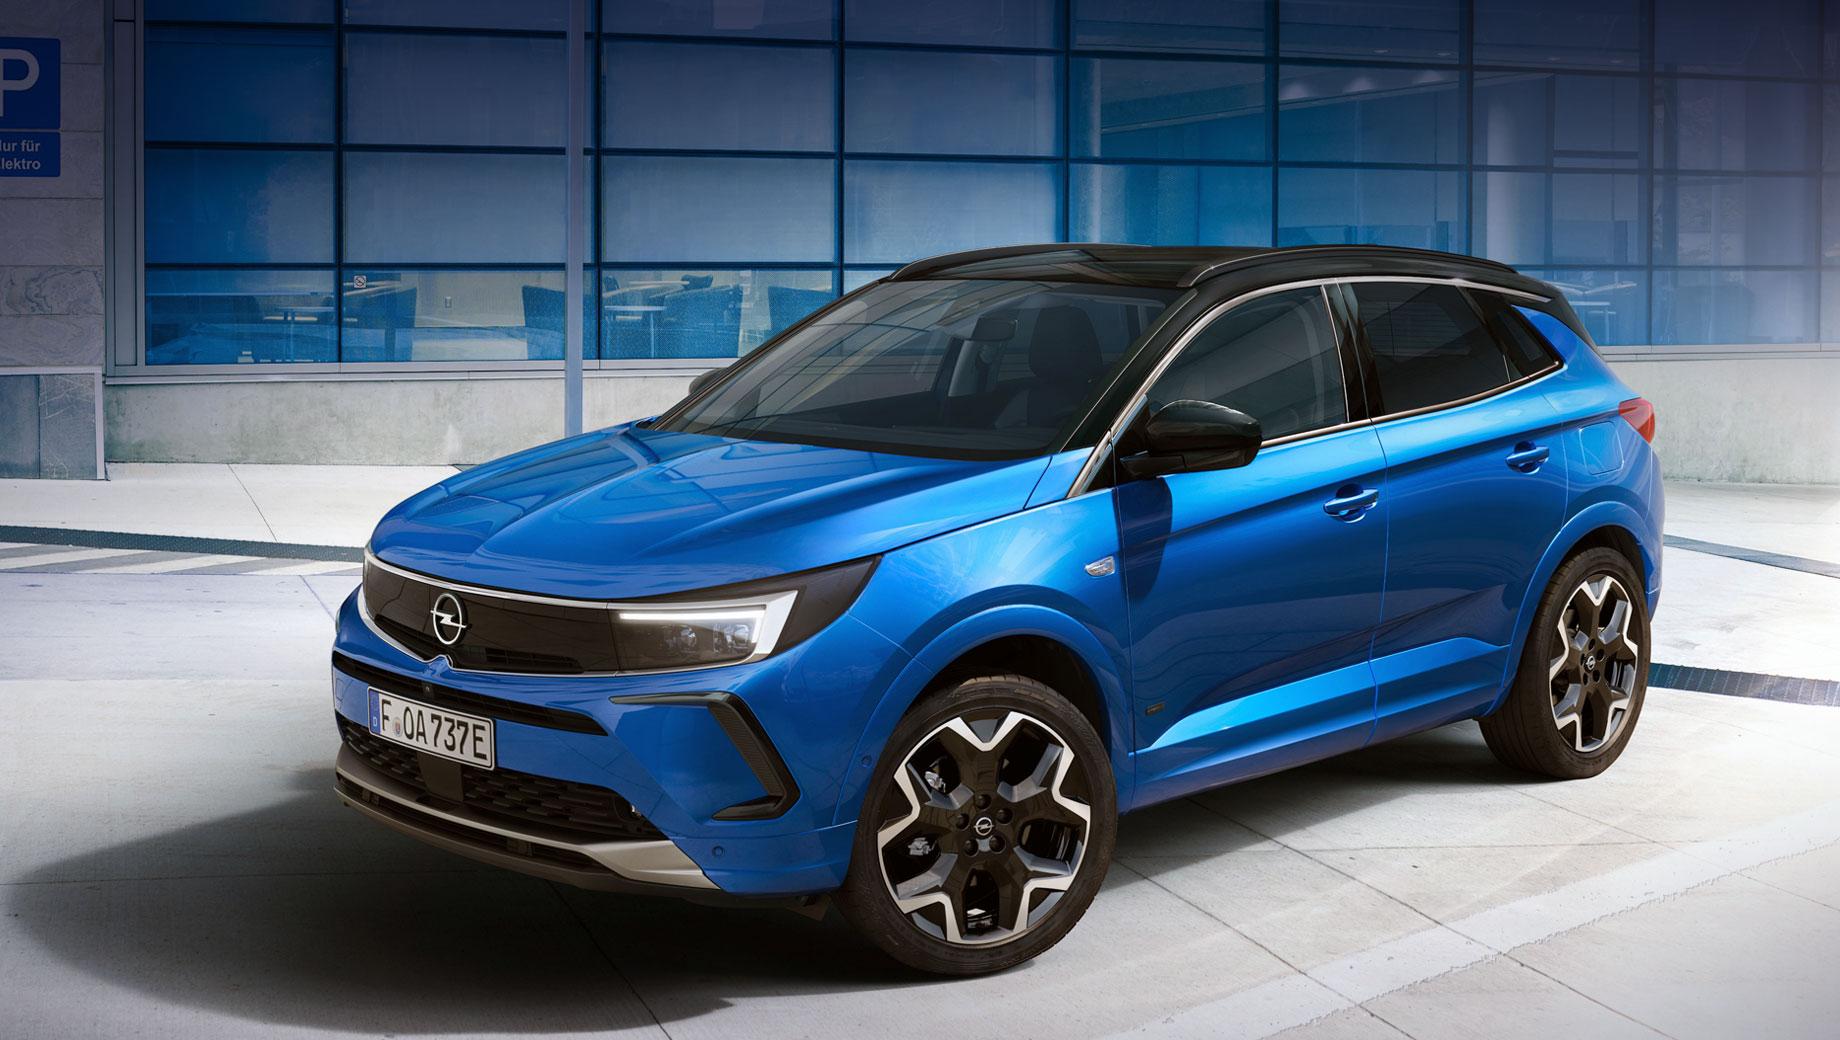 Opel grandland,Opel grandland hybrid,Opel grandland x. Передок Opel Vizor уже примерили Mokka, Crossland и Astra. У топового Грандленда (на фото) и семейства Insignia на носу размещены матричные фары IntelliLux LED Pixel Light с 168 светодиодами. Размеры у пятидверки, скорее всего, прежние: 4477×1856×1609 мм, между осей 2675.